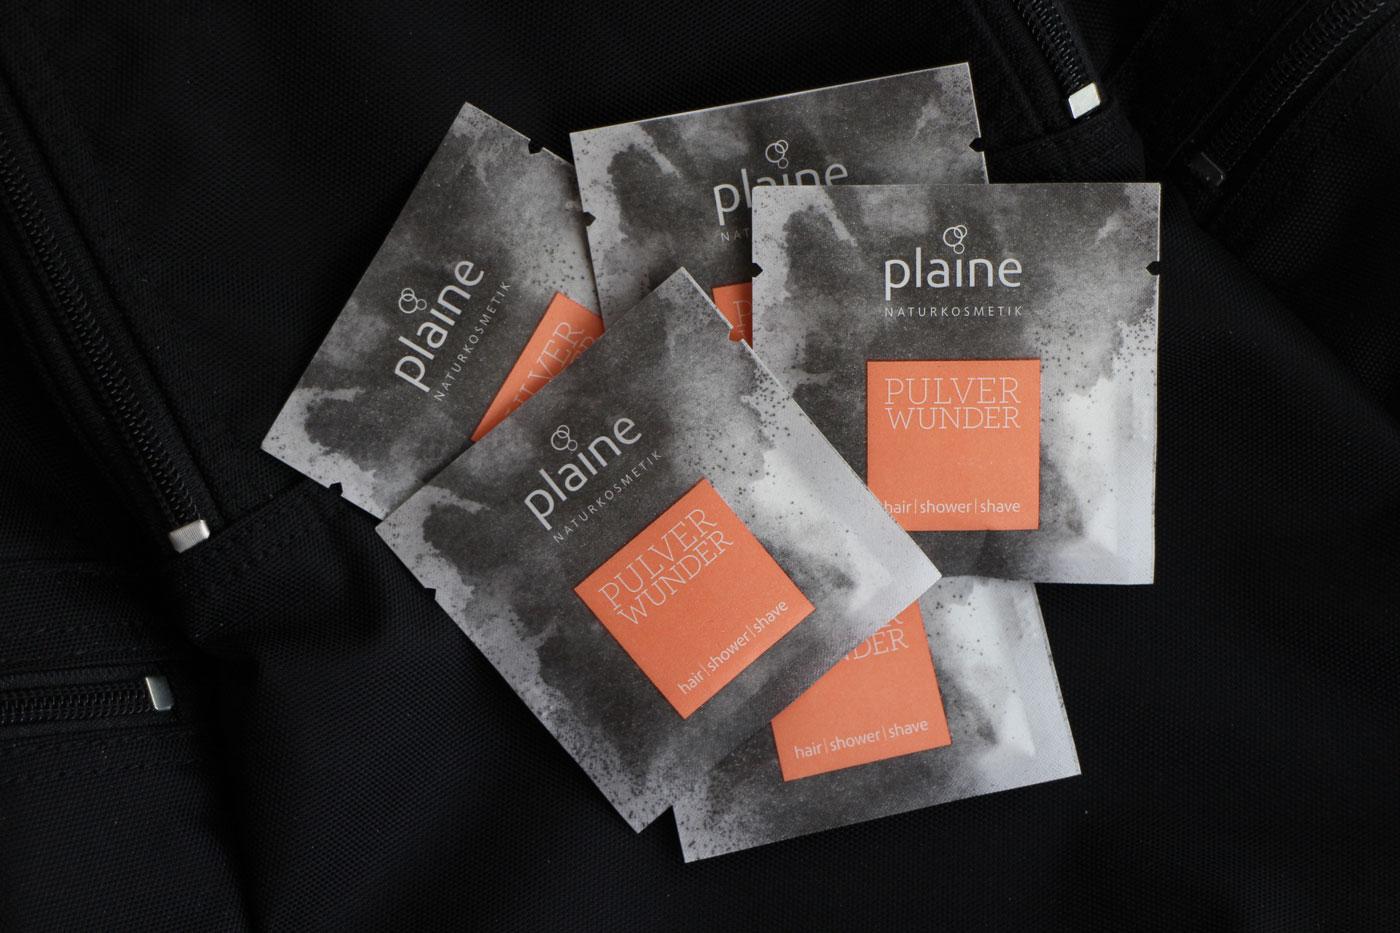 Plaine Pulverwunder